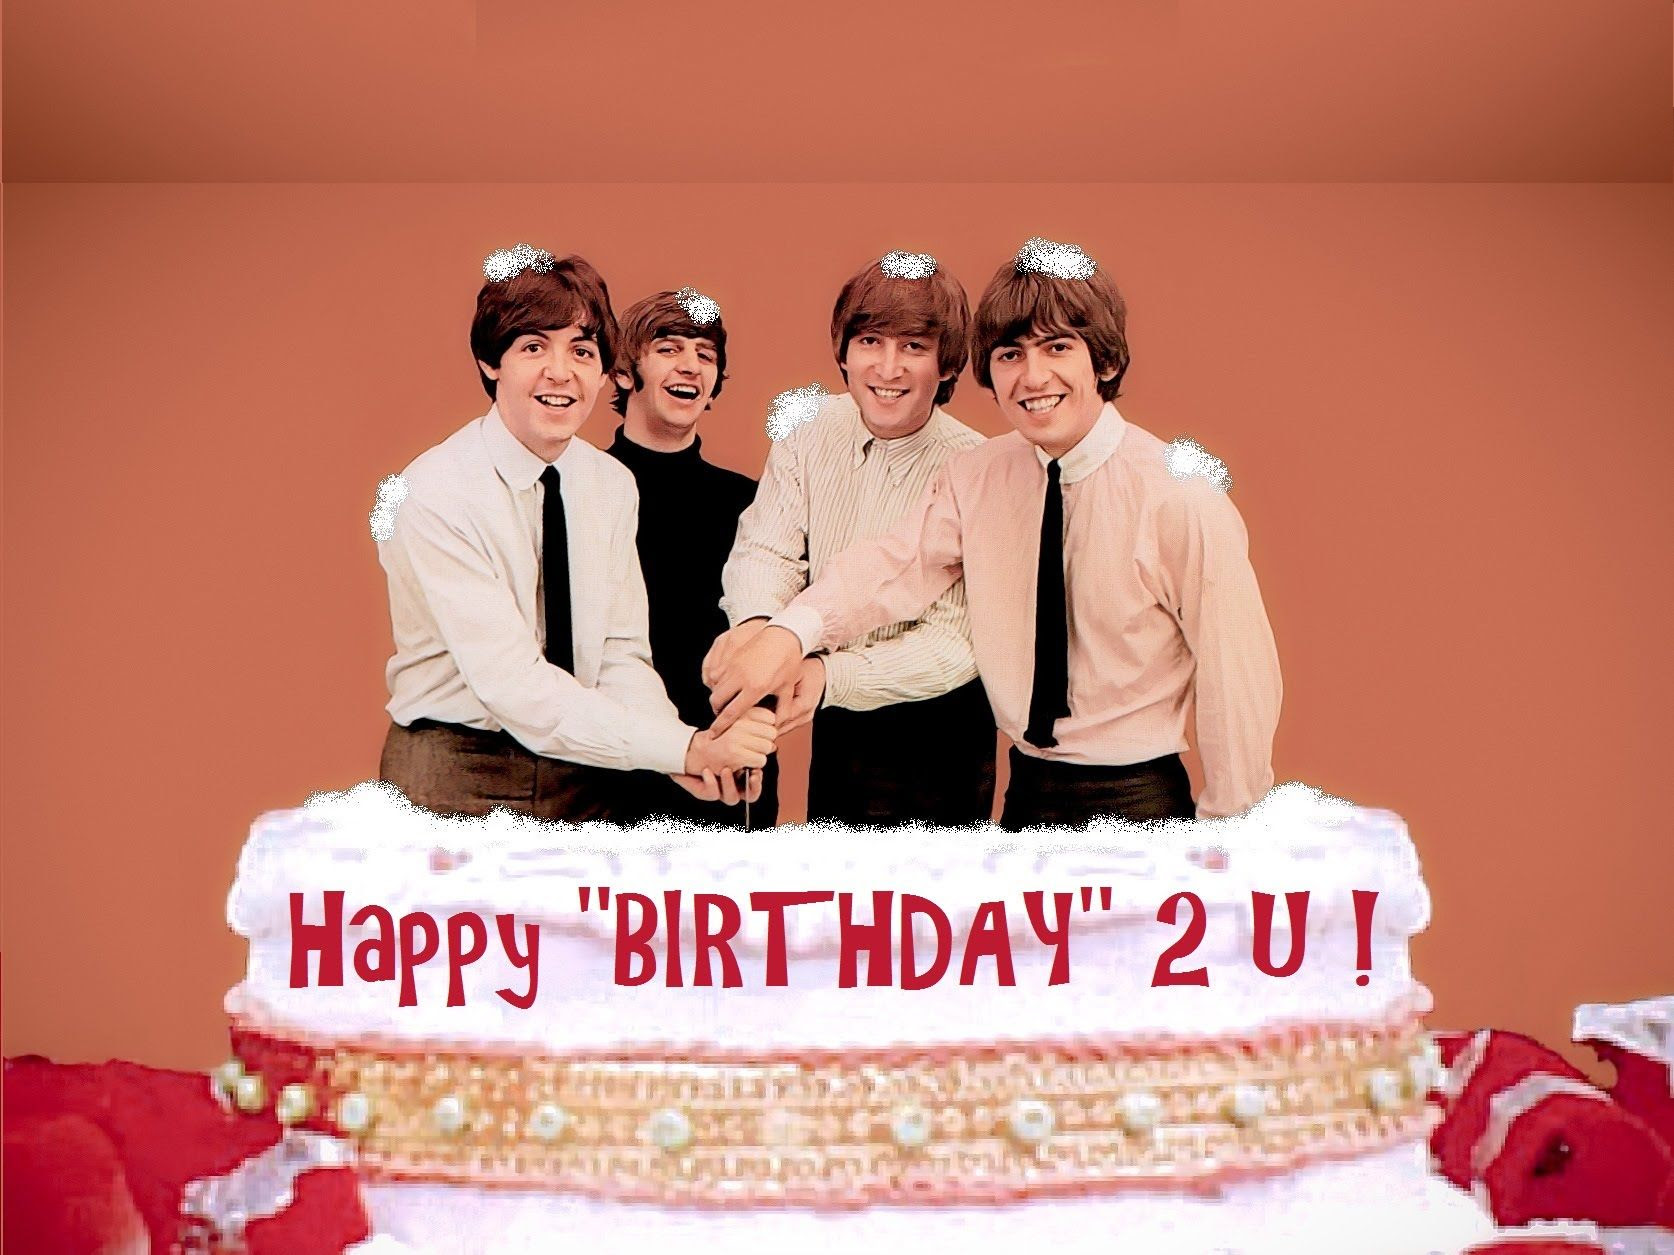 Happy Birthday Lyrics The Beatles